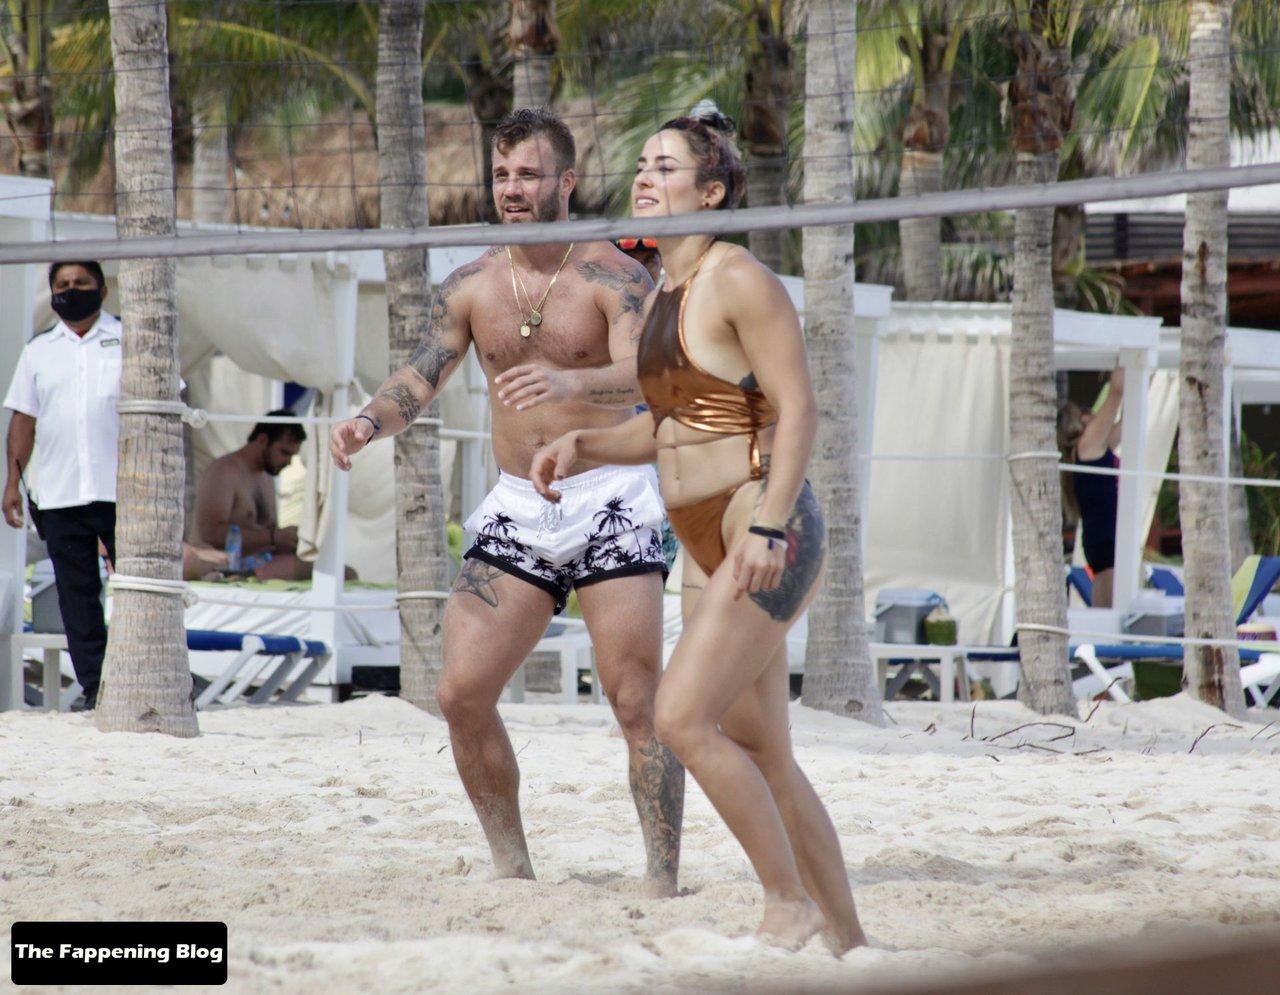 Cara Maria Sorbello on Beach 18